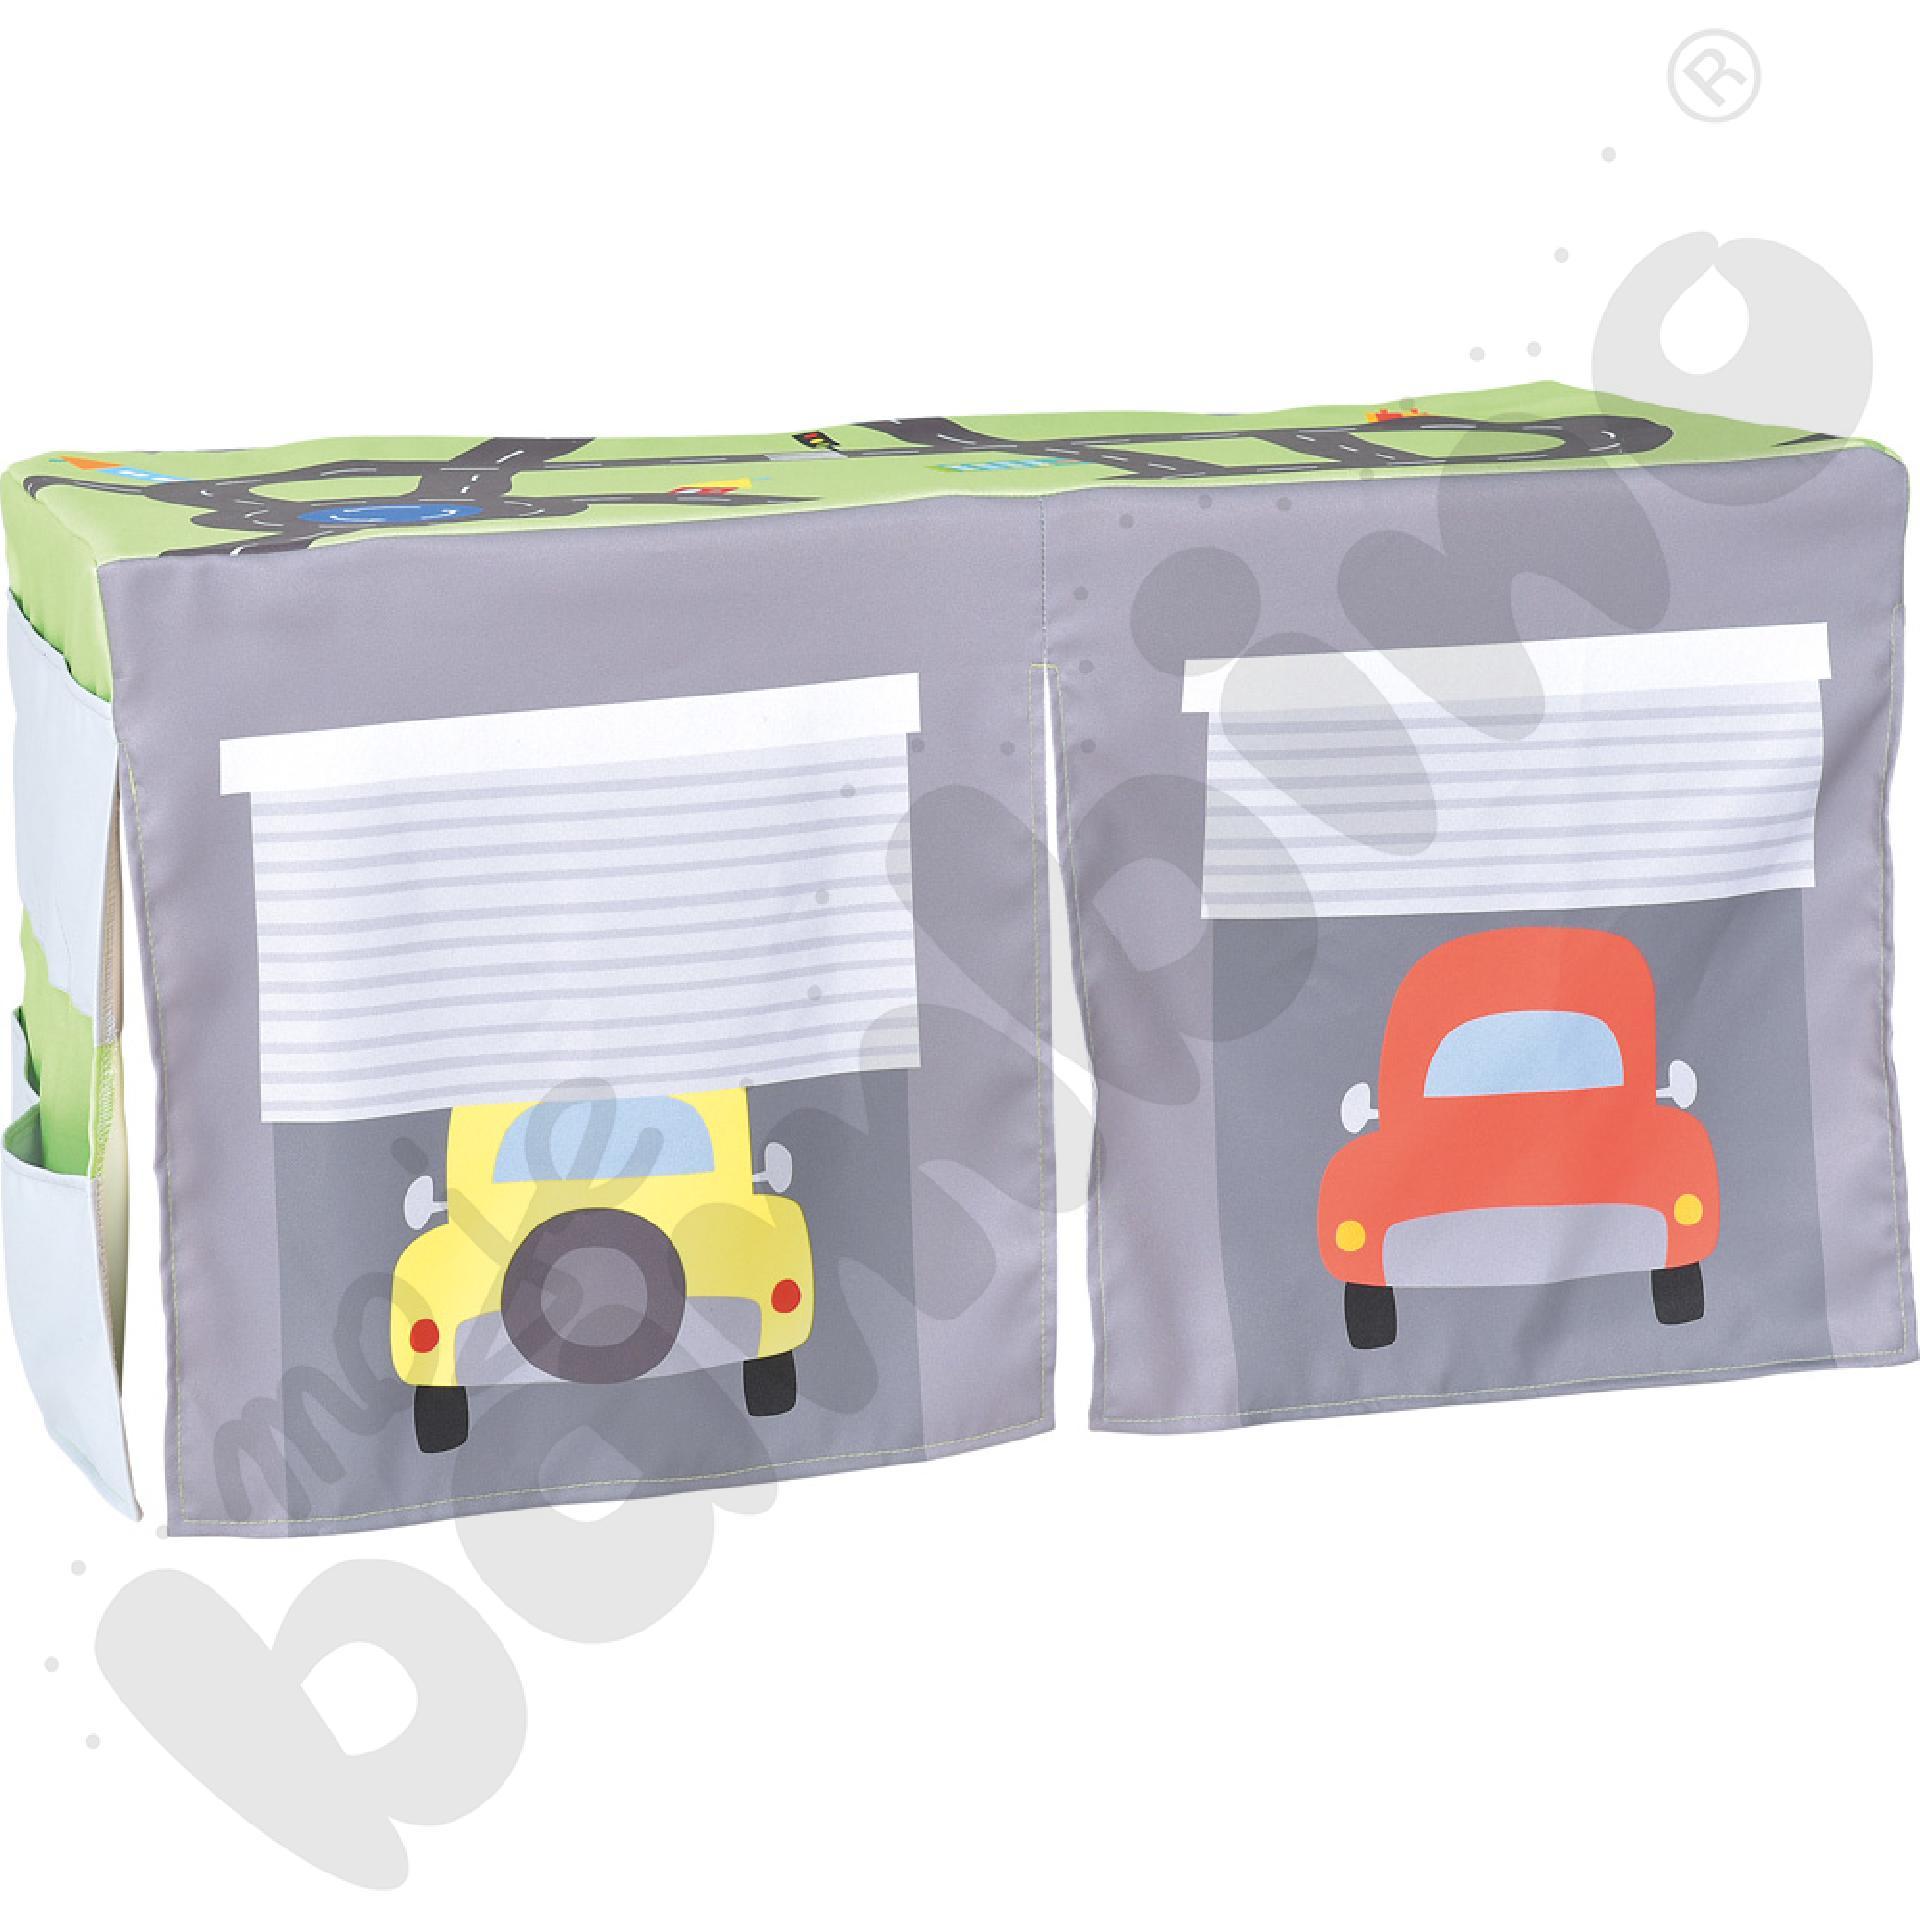 Quadro - kącik małego kierowcy - nakrycie na szafkę